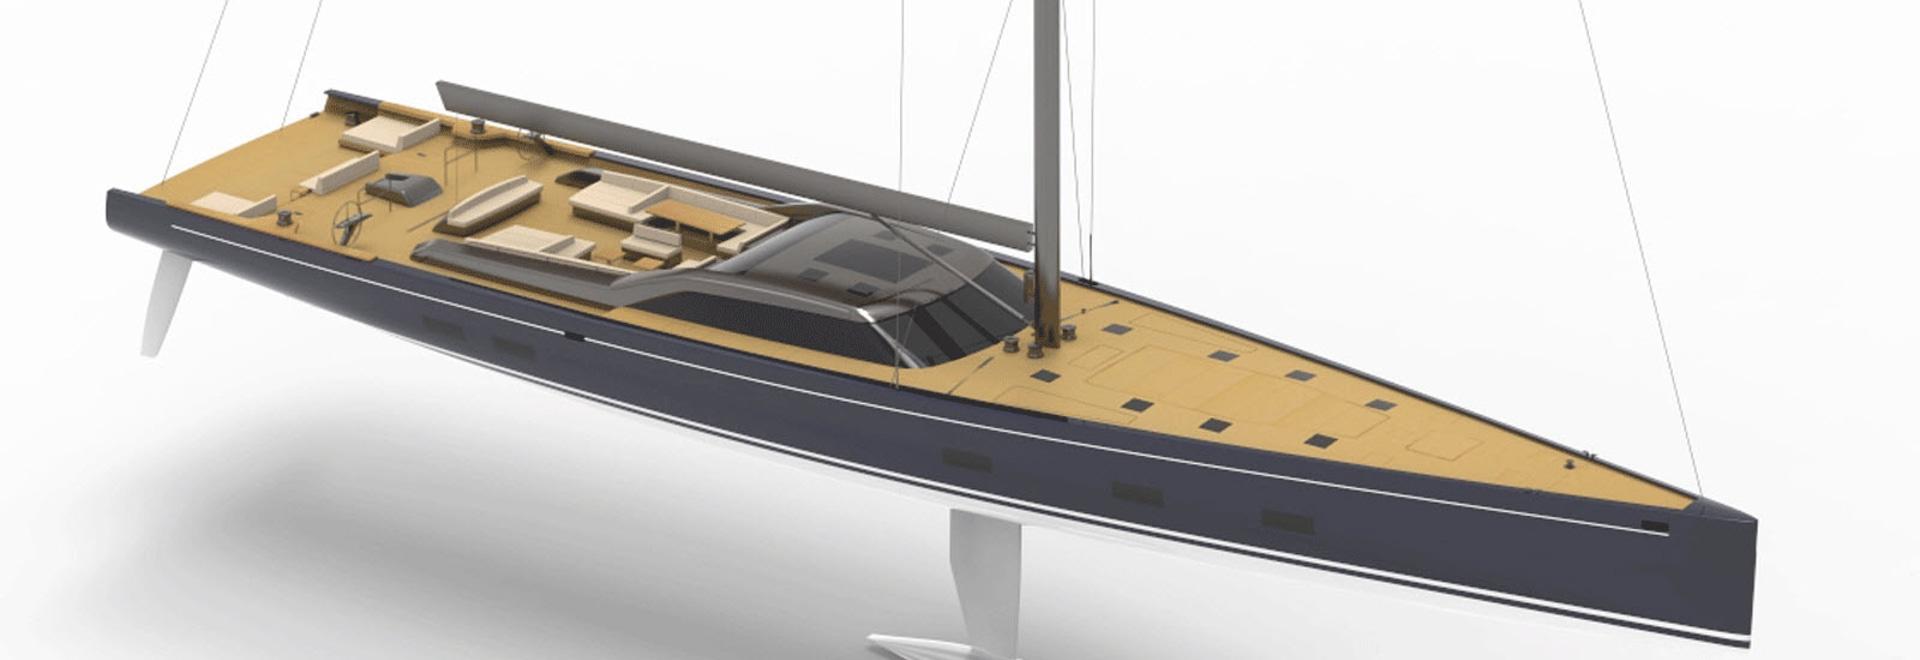 Royal Huisman baut 46-Meter-Hochleistungs-Segelyacht Projekt 405